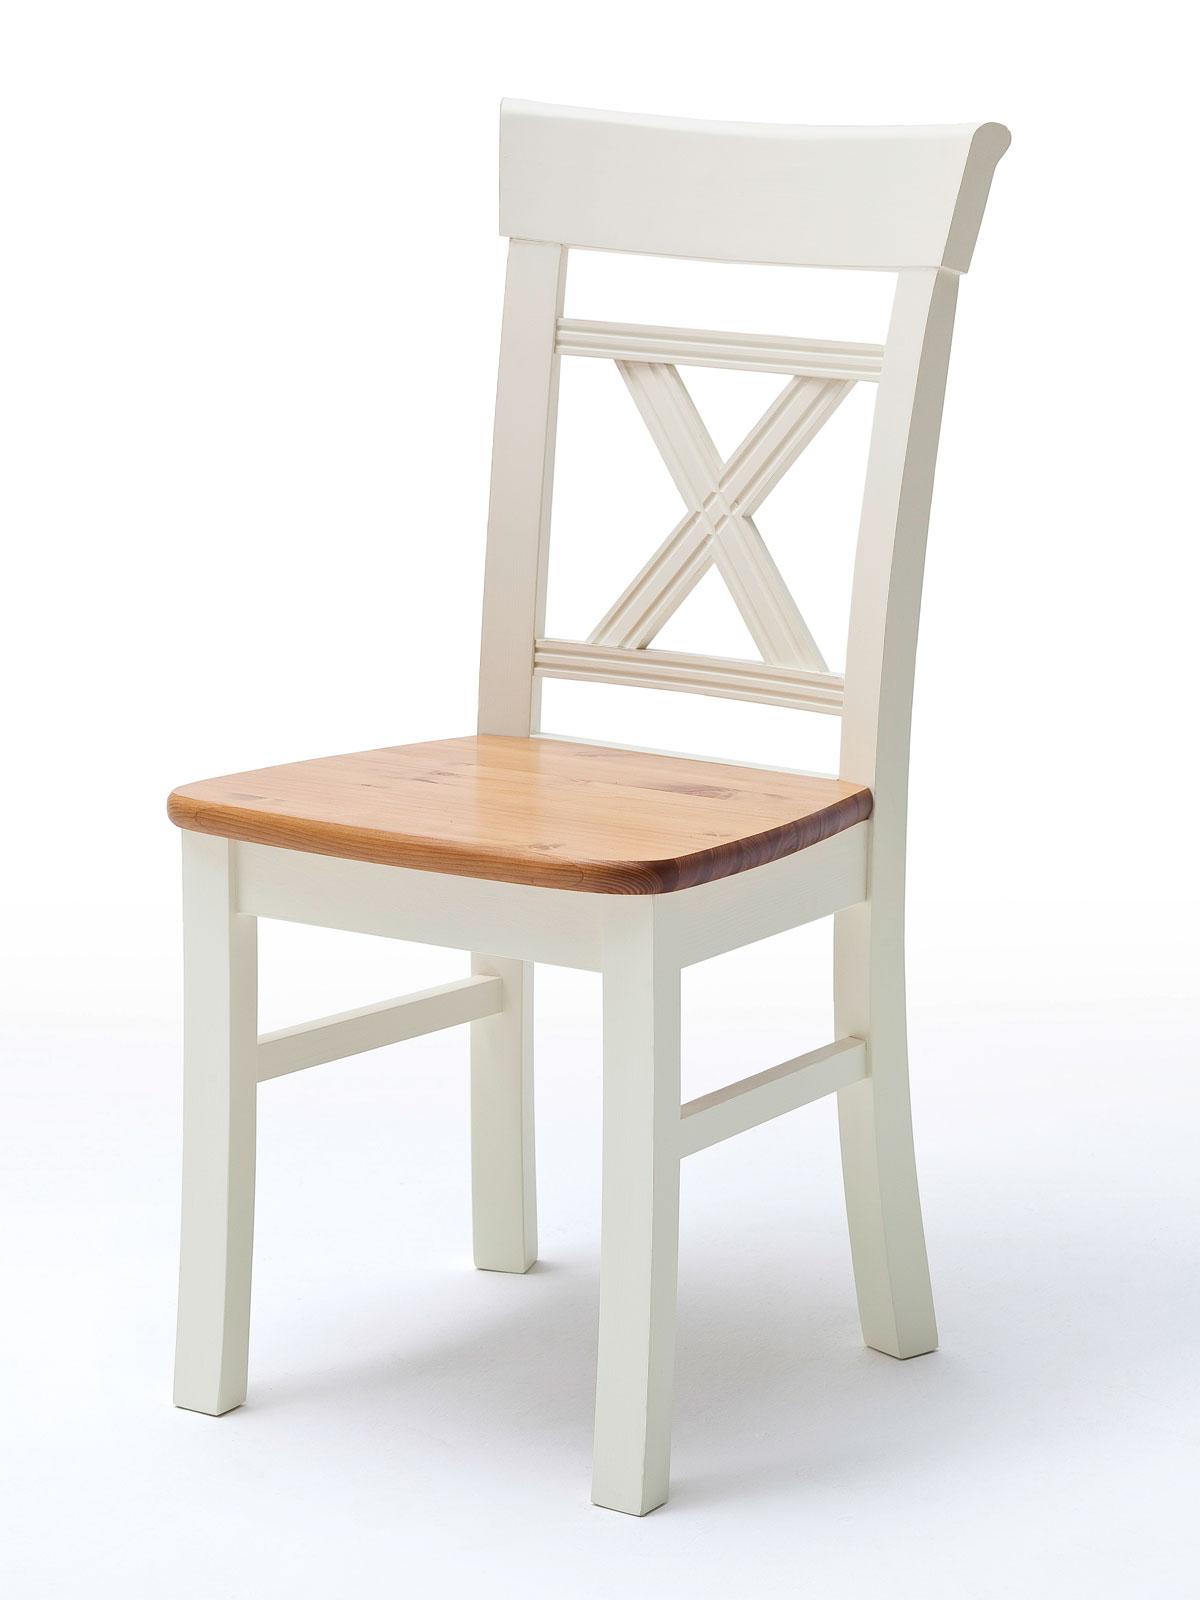 set truhen sitzbank 180 cm 2 st hle mit und 2 st hle ohne armlehnen padua casamia wohnen. Black Bedroom Furniture Sets. Home Design Ideas